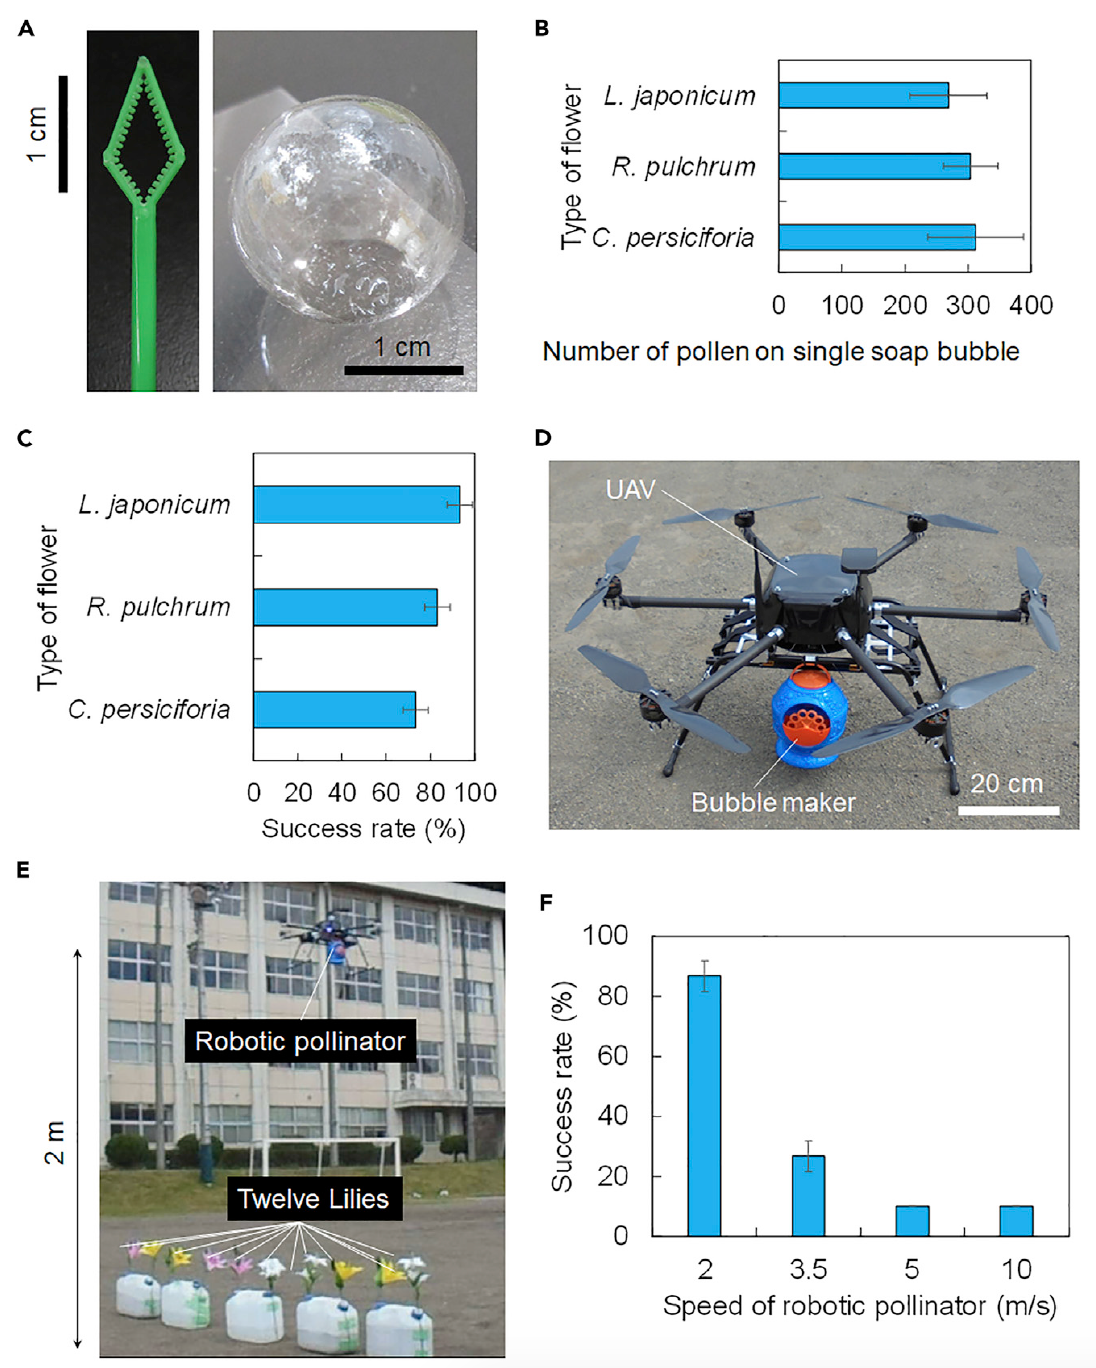 Мир без пчел: роботизированное опыление мыльными пузырями - 5